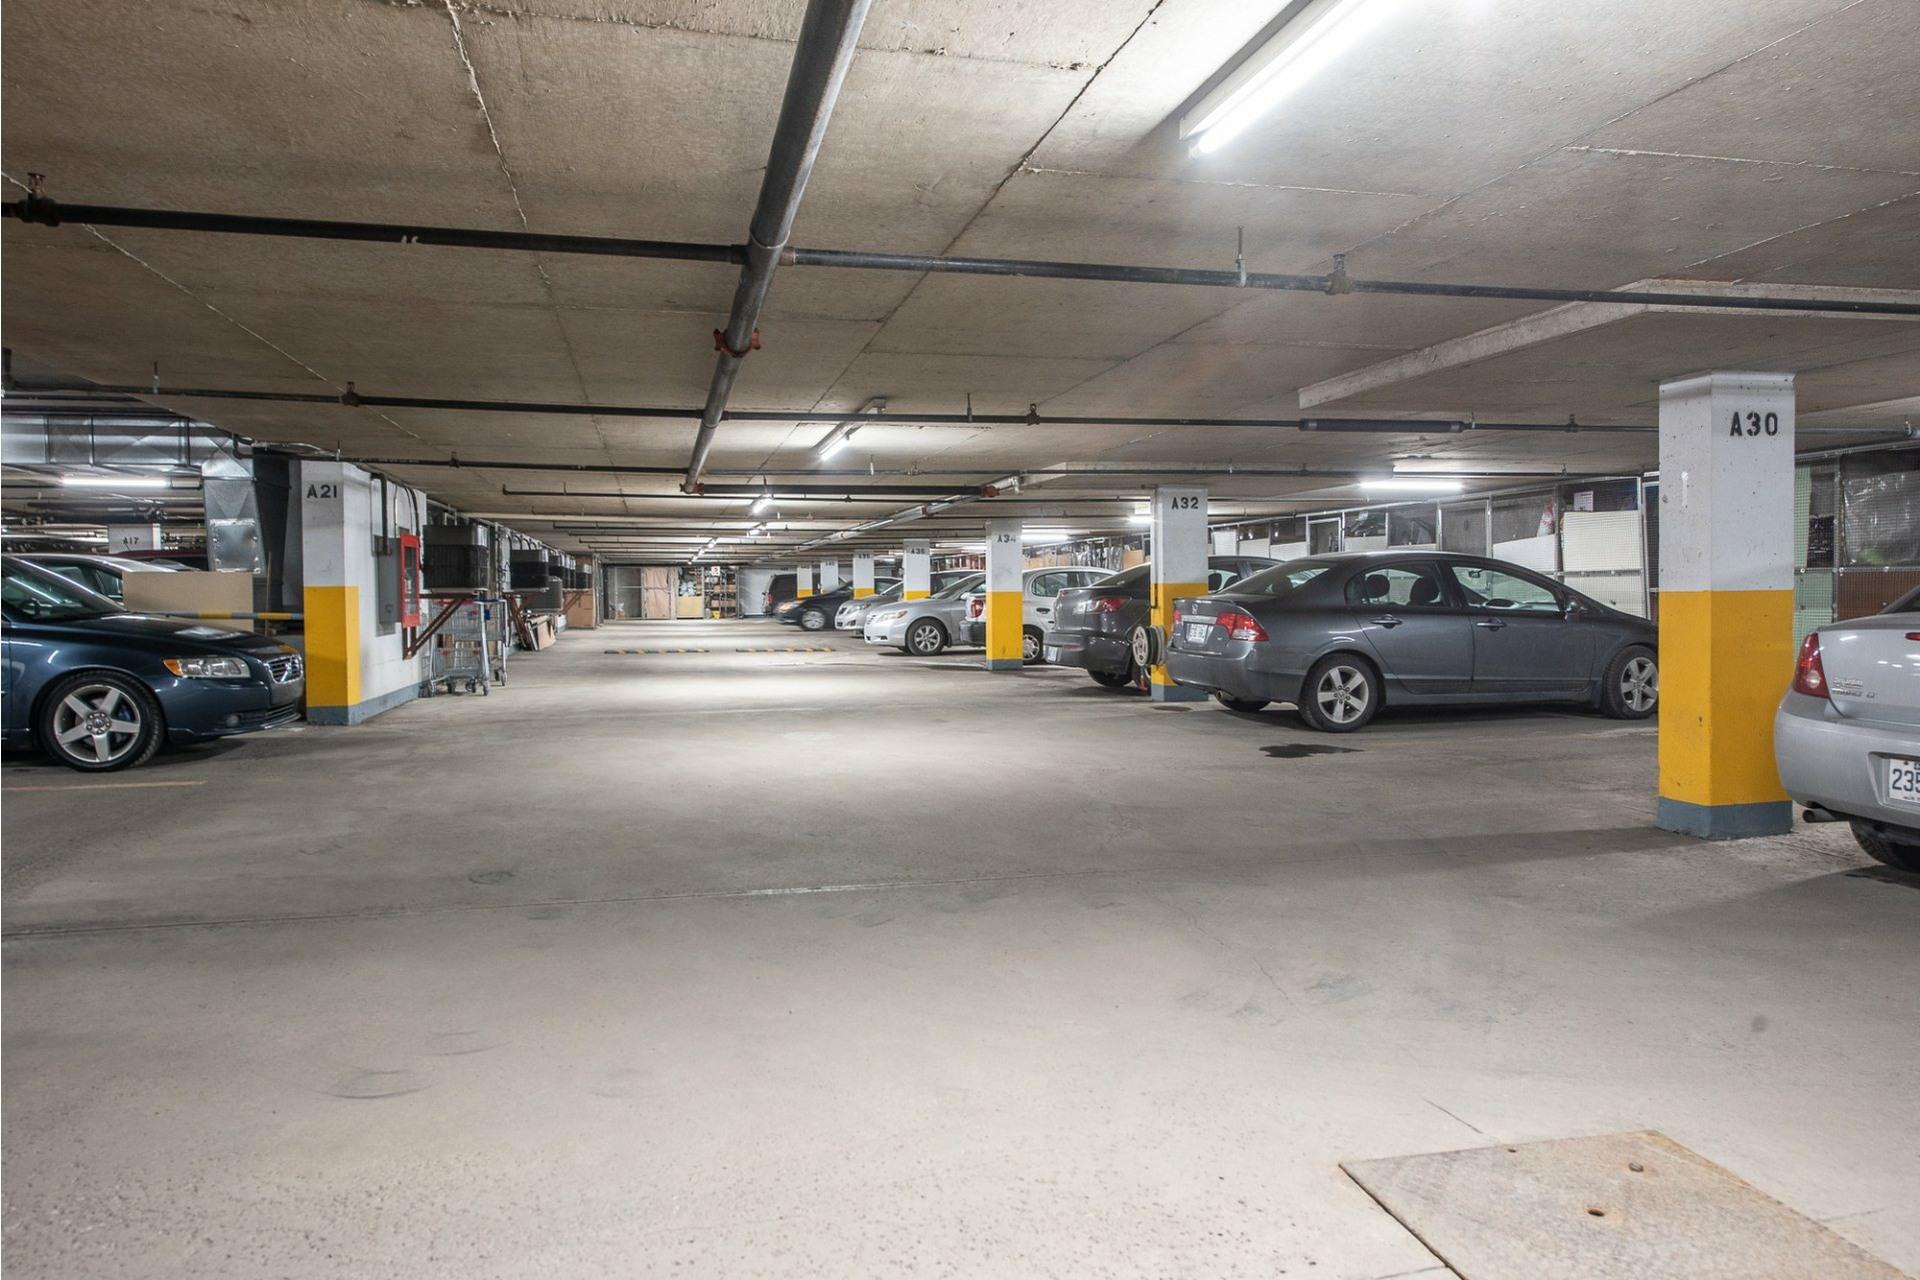 image 29 - Apartment For sale Montréal Saint-Laurent  - 5 rooms